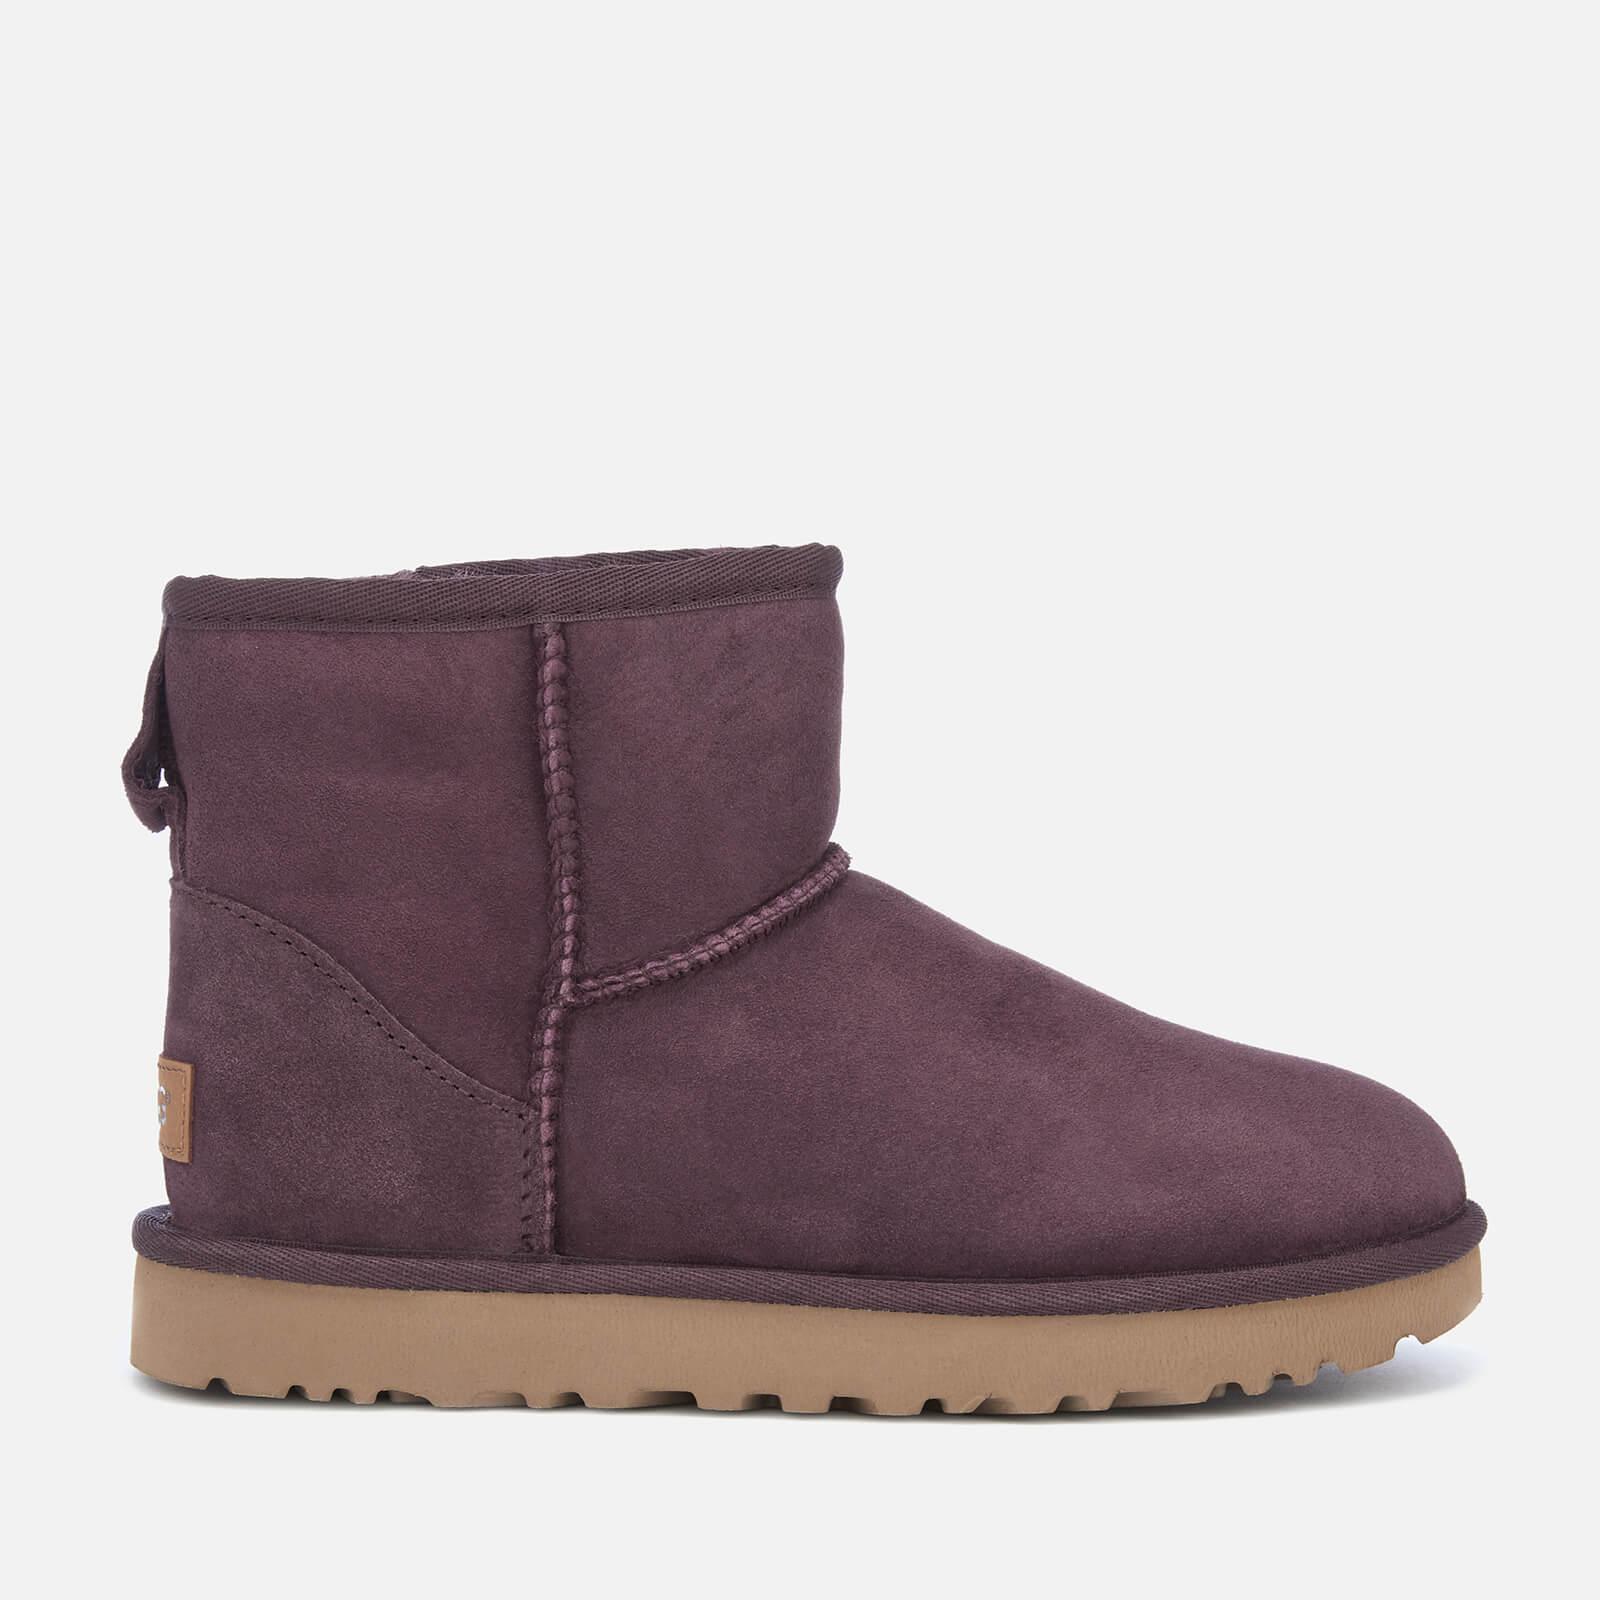 f13fc08c621 UGG Women's Classic Mini II Sheepskin Boots - Port